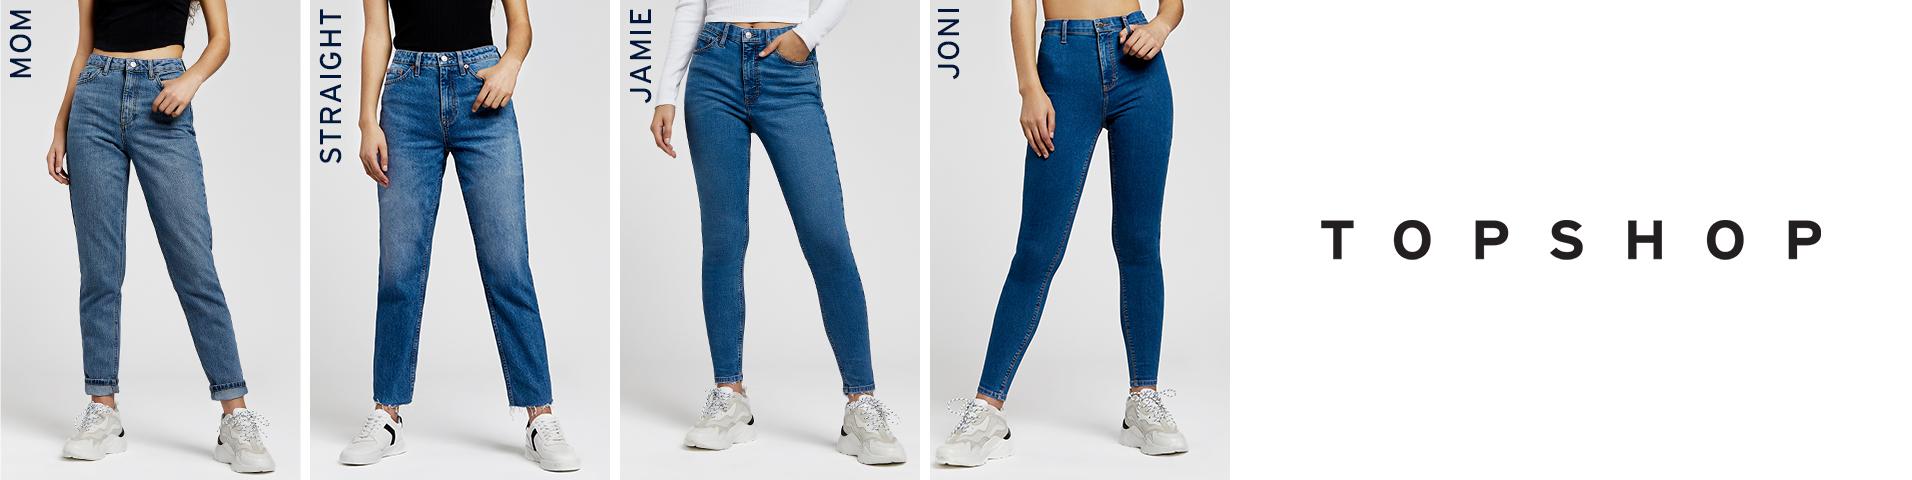 Jeans da donna Guess bianco | La collezione su Zalando